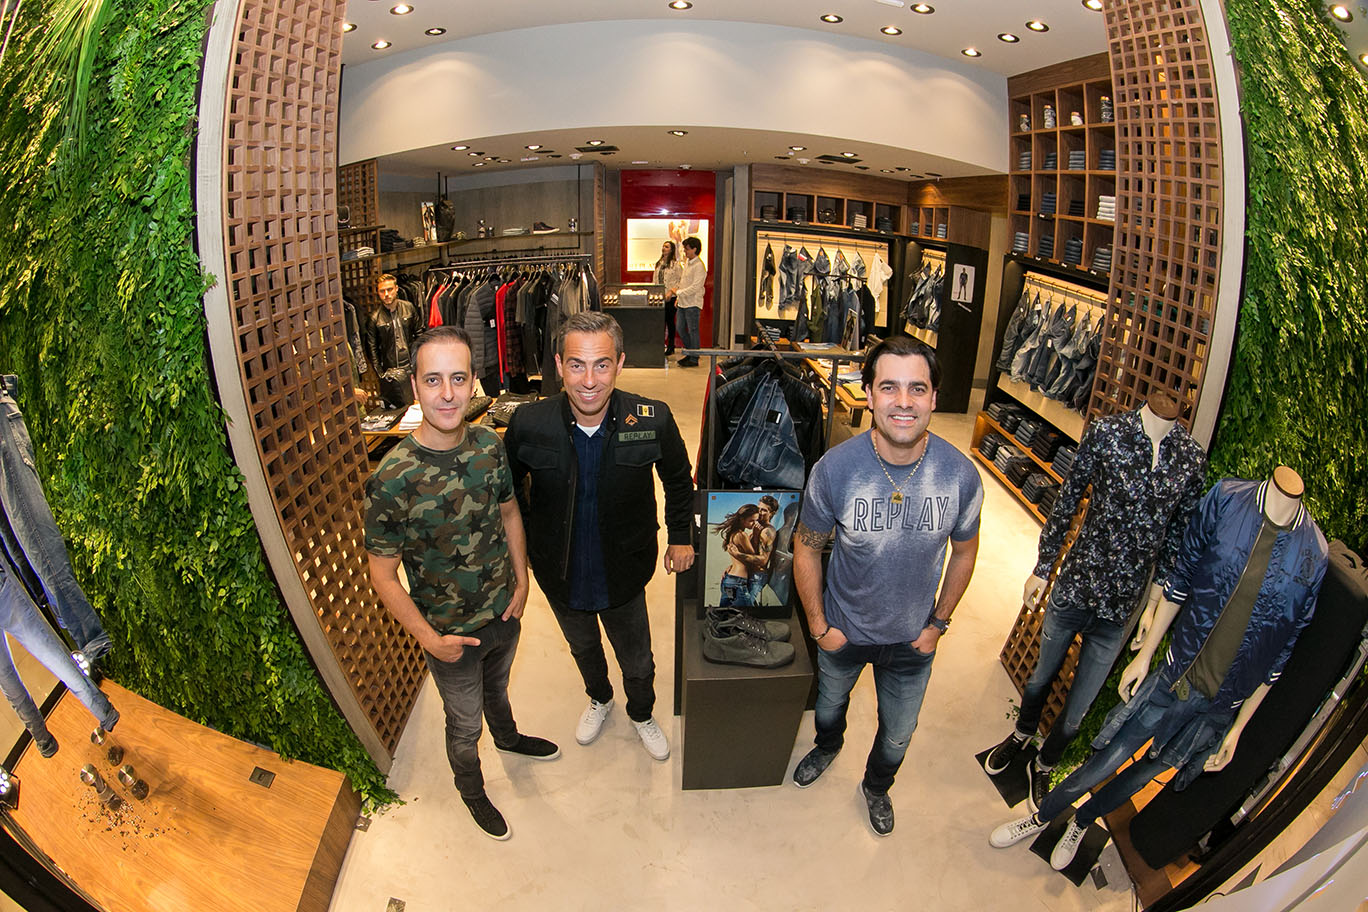 Os irmãos Rodrigo e kristofer Florenzano (nas pontas), franqueados da Replay, com o CEO da Replay, Alexandre Brett.